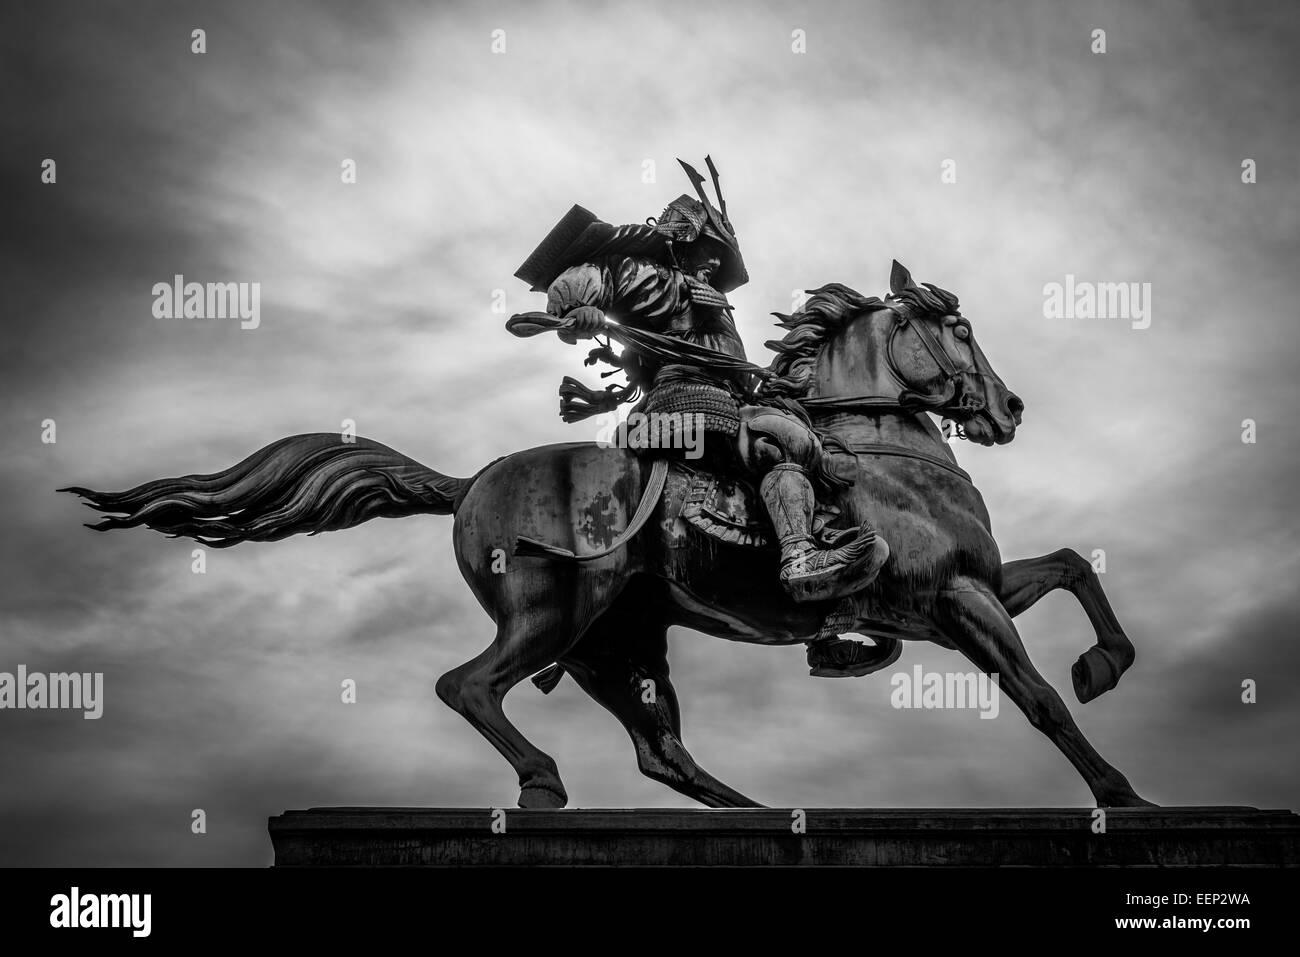 Schwarz und weiß von einem Samurai auf dem Pferderücken. Stockbild